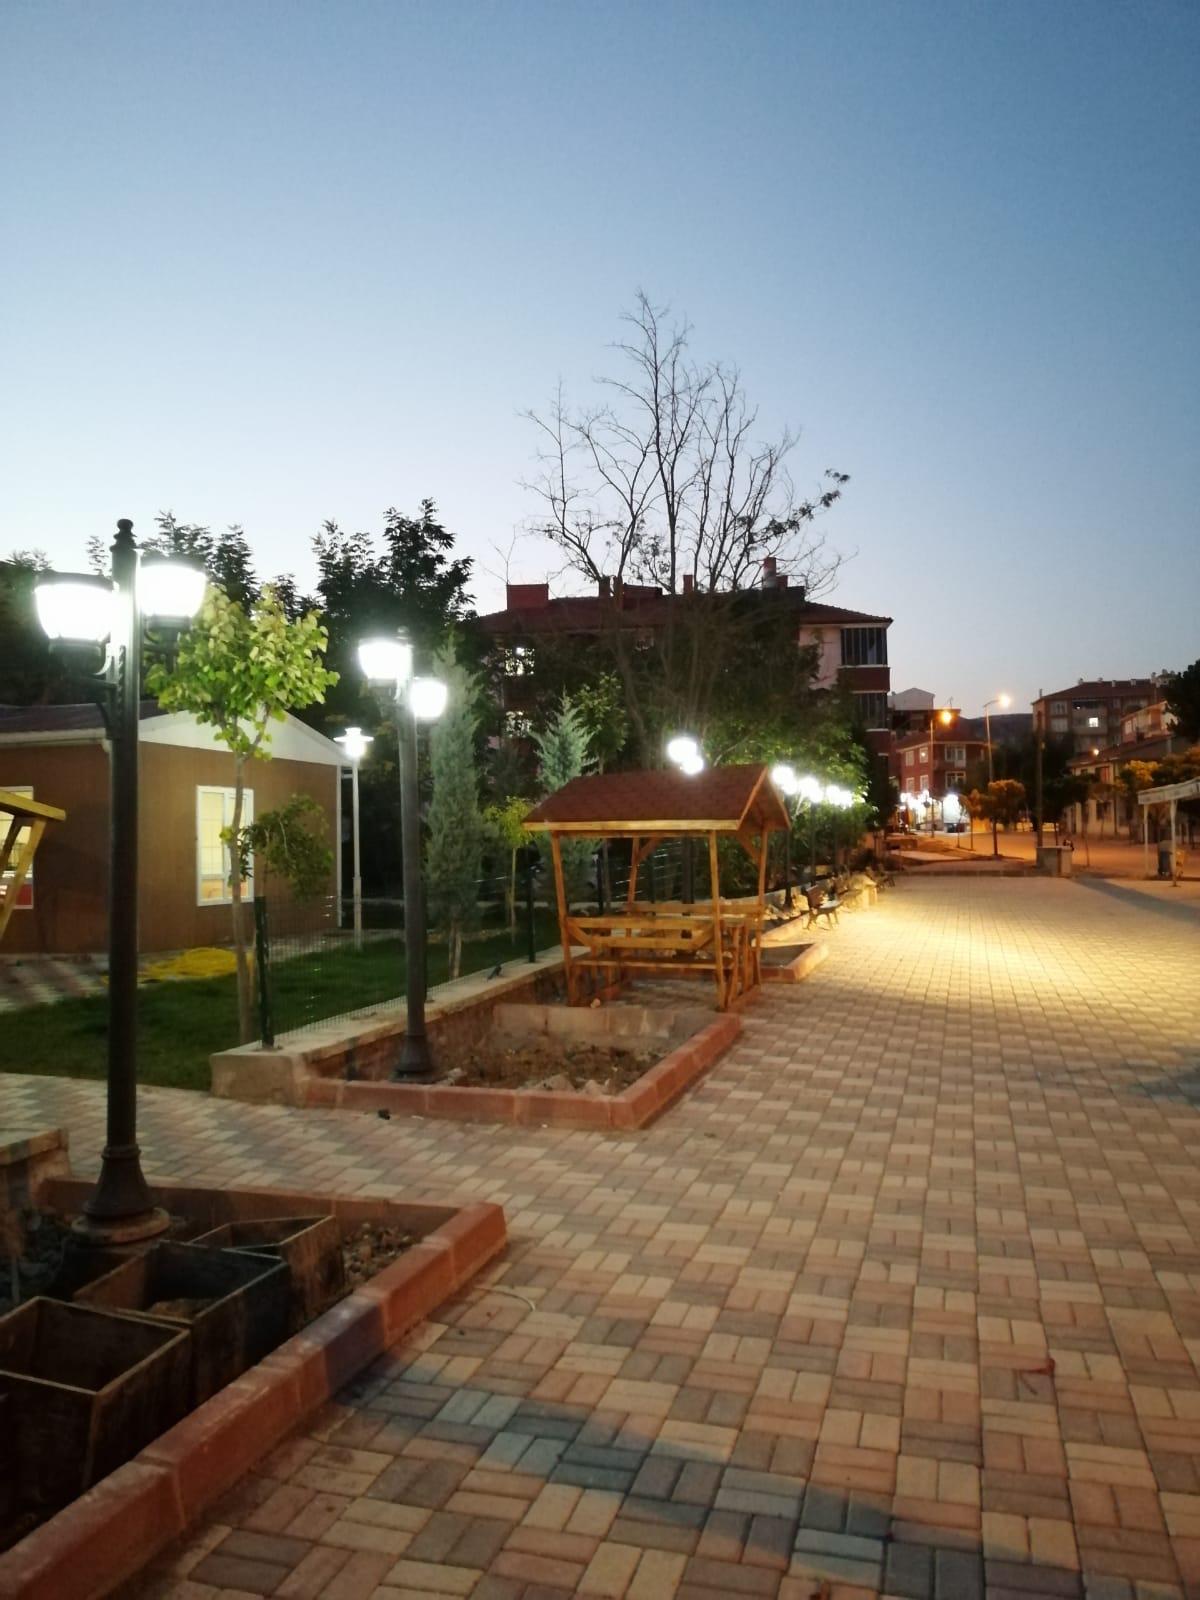 Şehit Aydın Çopur Parkının Yapımı ile Yöresel Ürünler Pazarının Büyütülerek Yeniden Düzenlenmesi